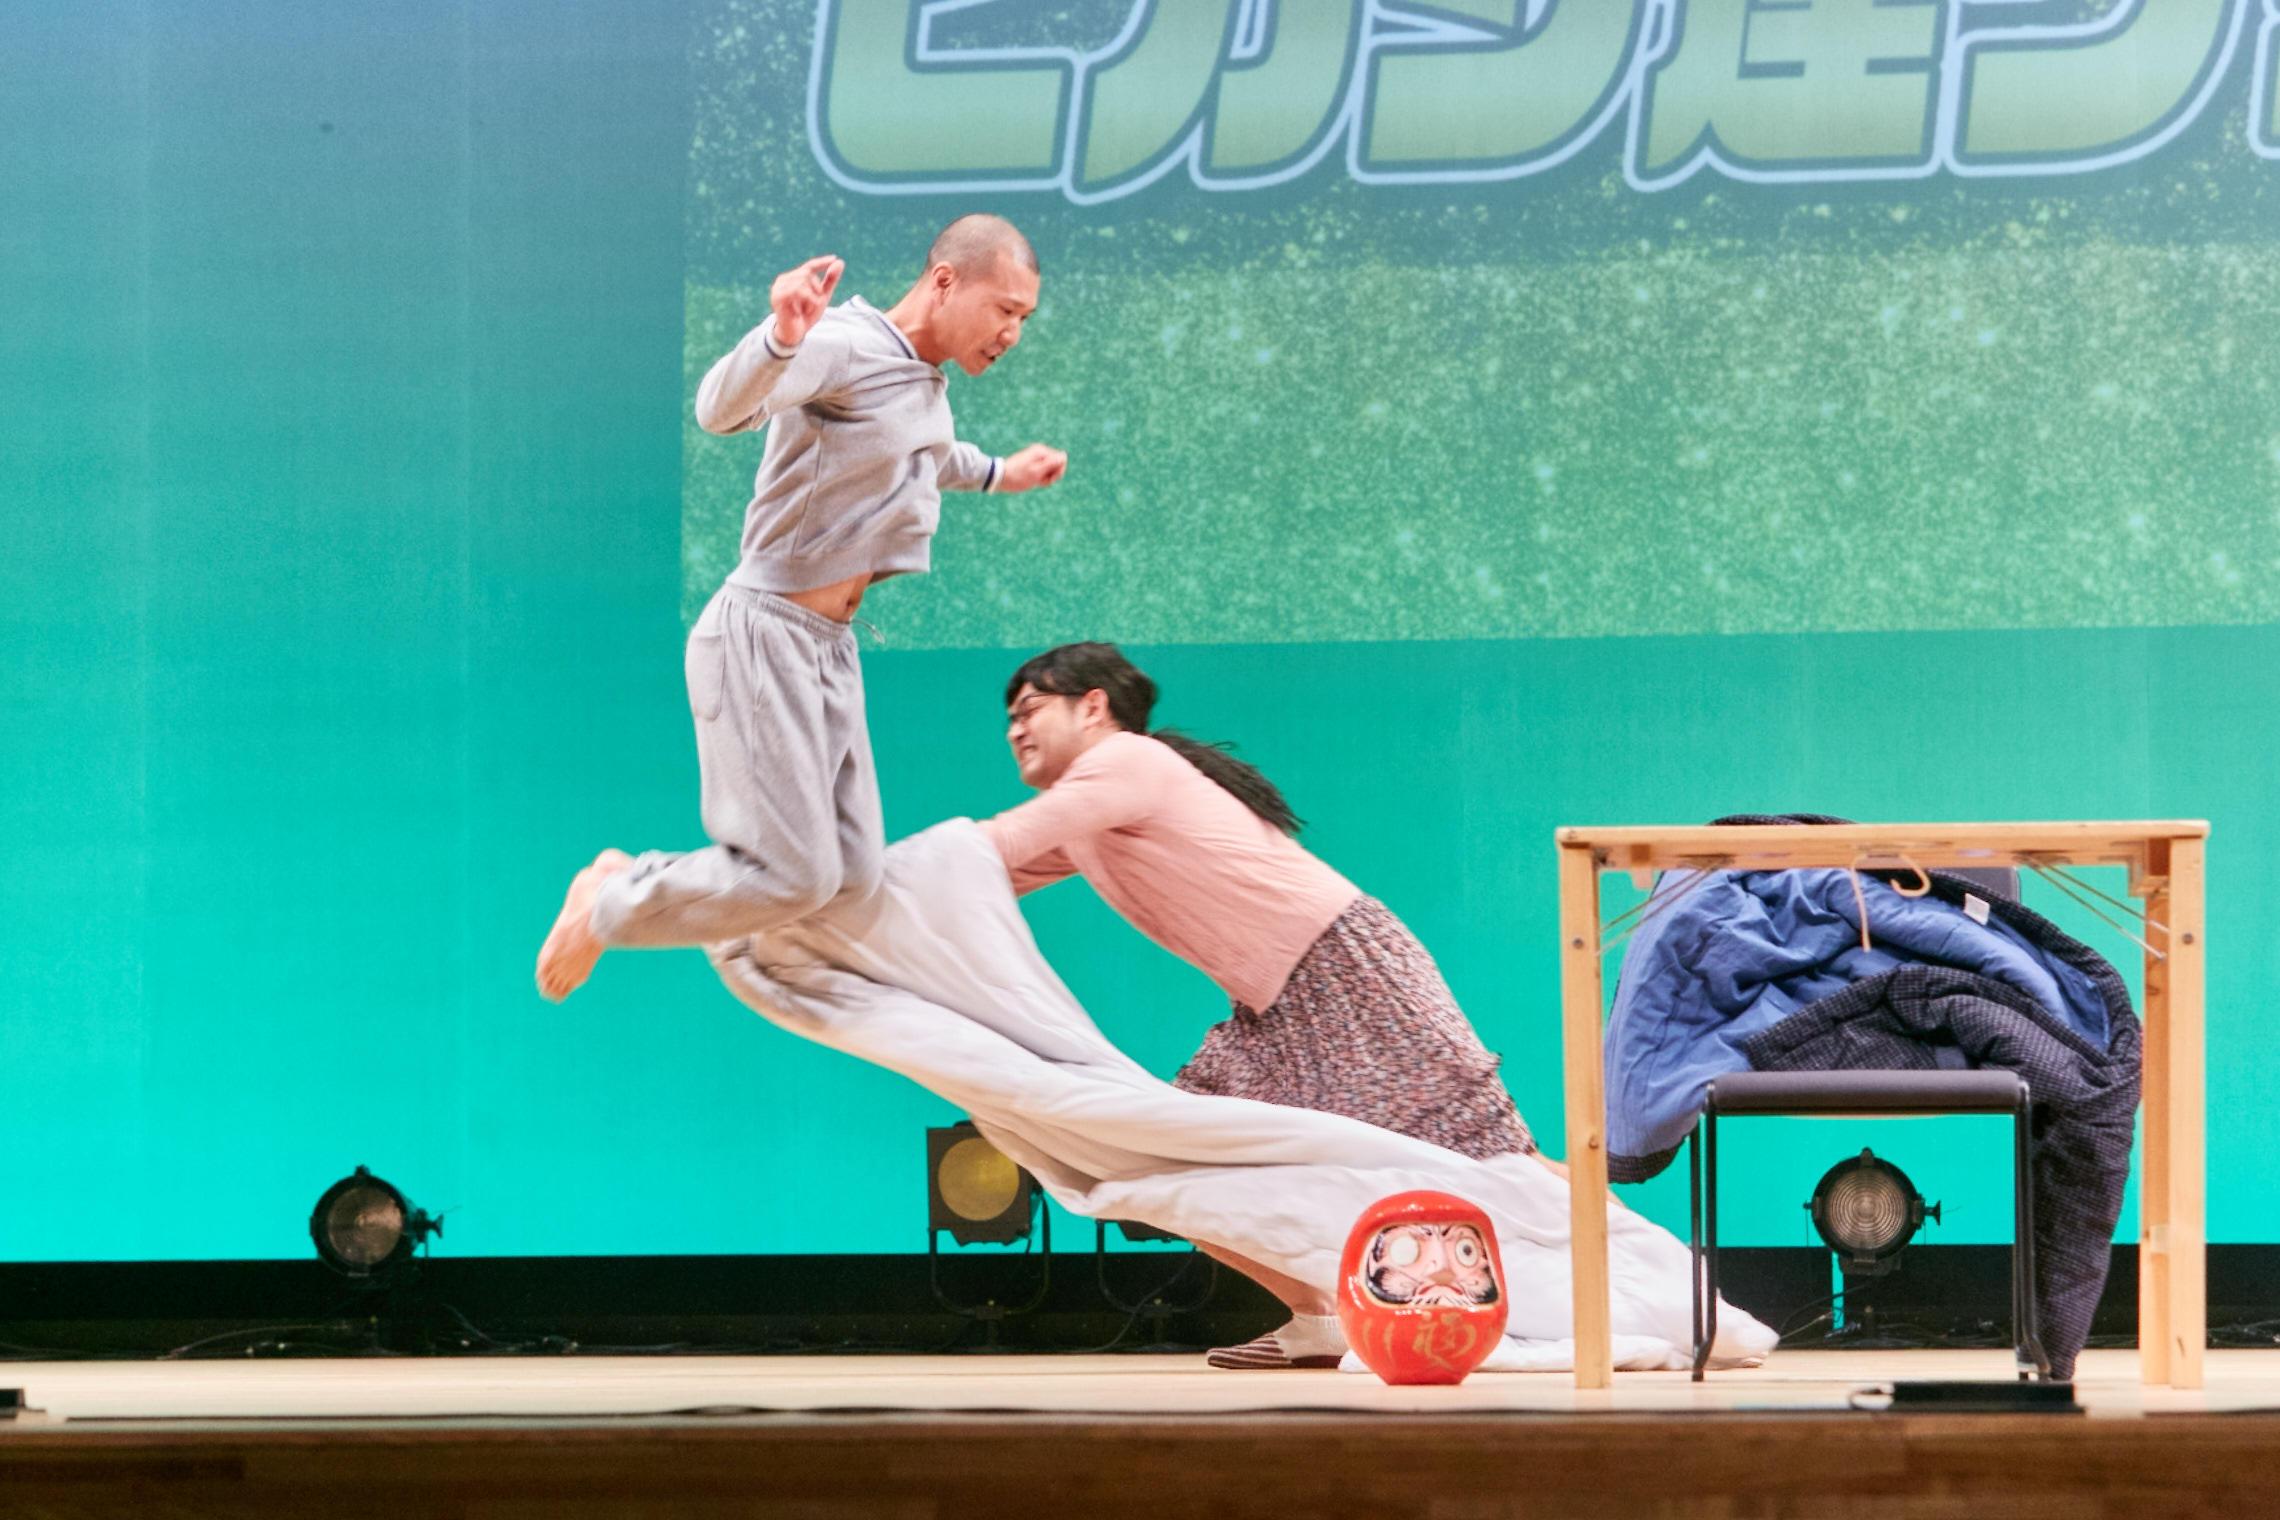 http://news.yoshimoto.co.jp/20171113160743-cf6150af2a60b46bc616932fe0e508ca2135c6db.jpg